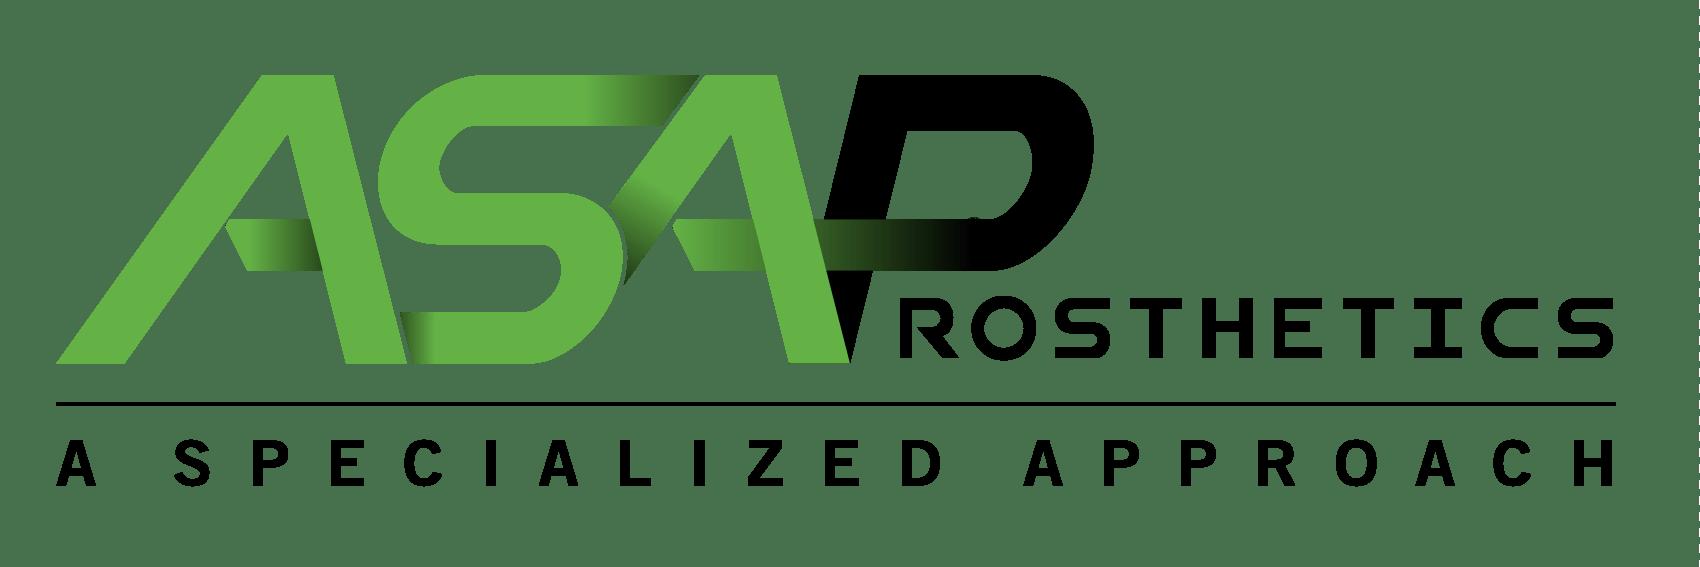 ASA Prothestics